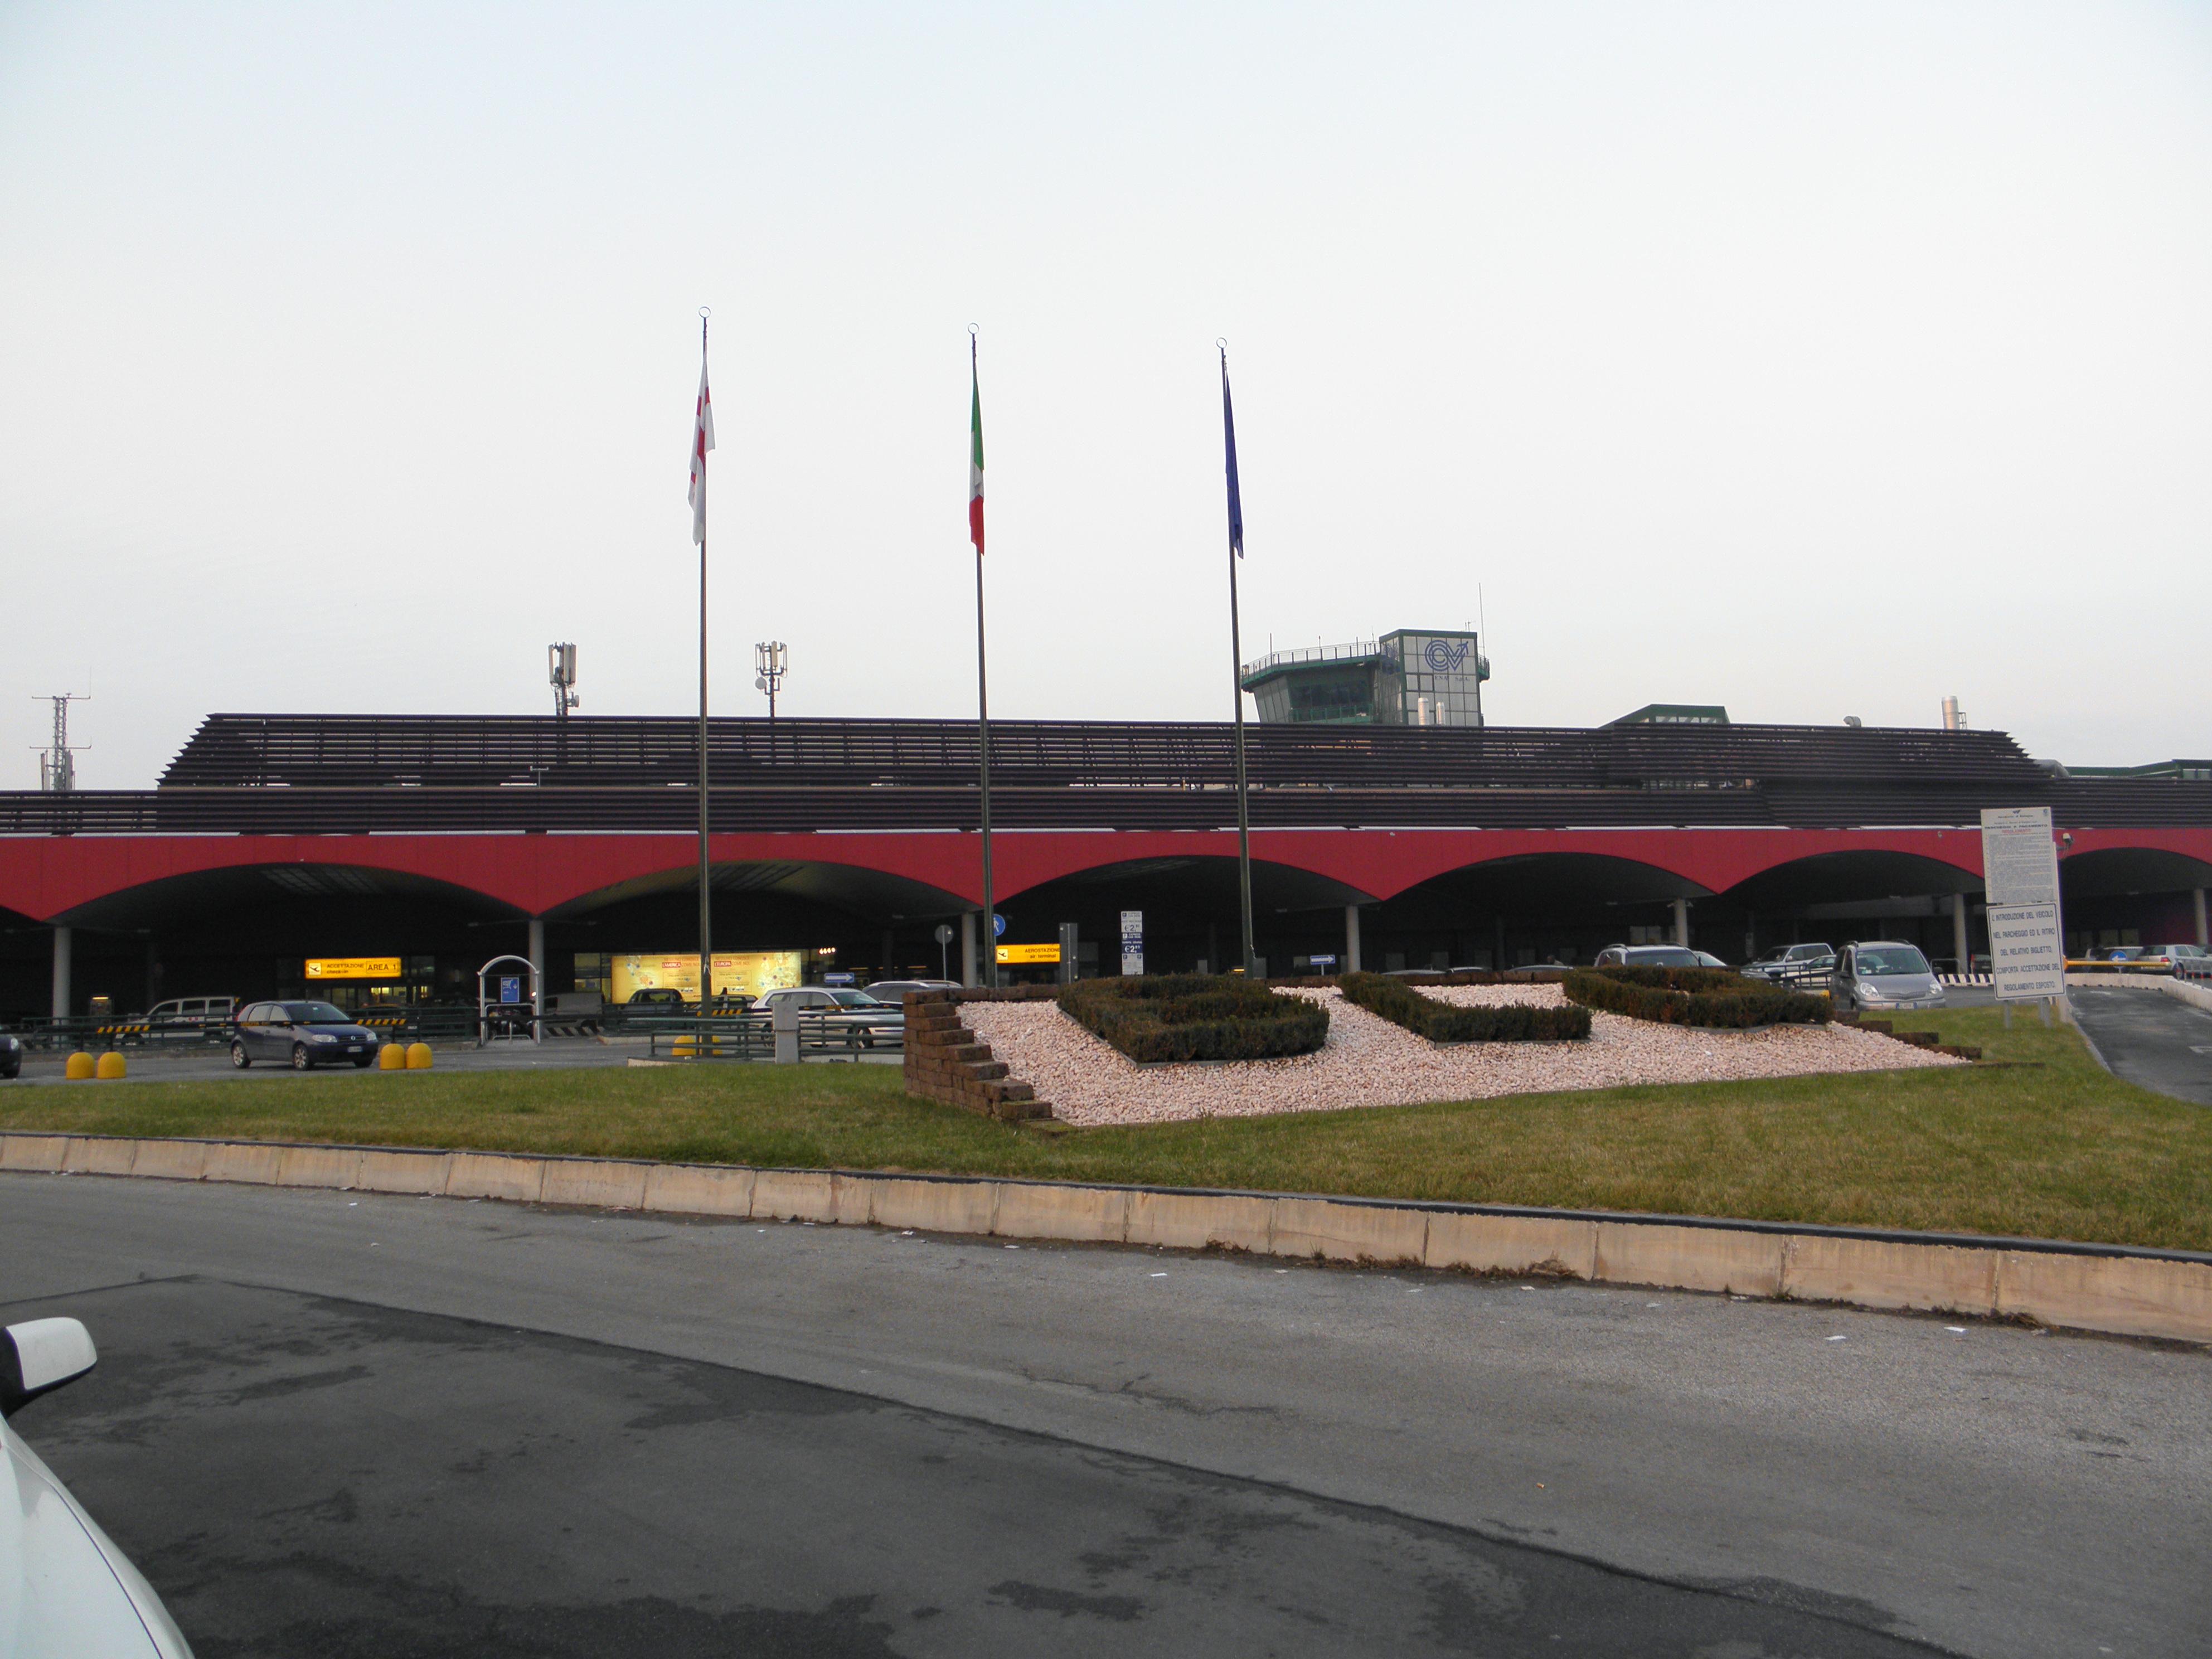 Aeroporto Guglielmo Marconi : File bologna guglielmo marconi airport terminal g